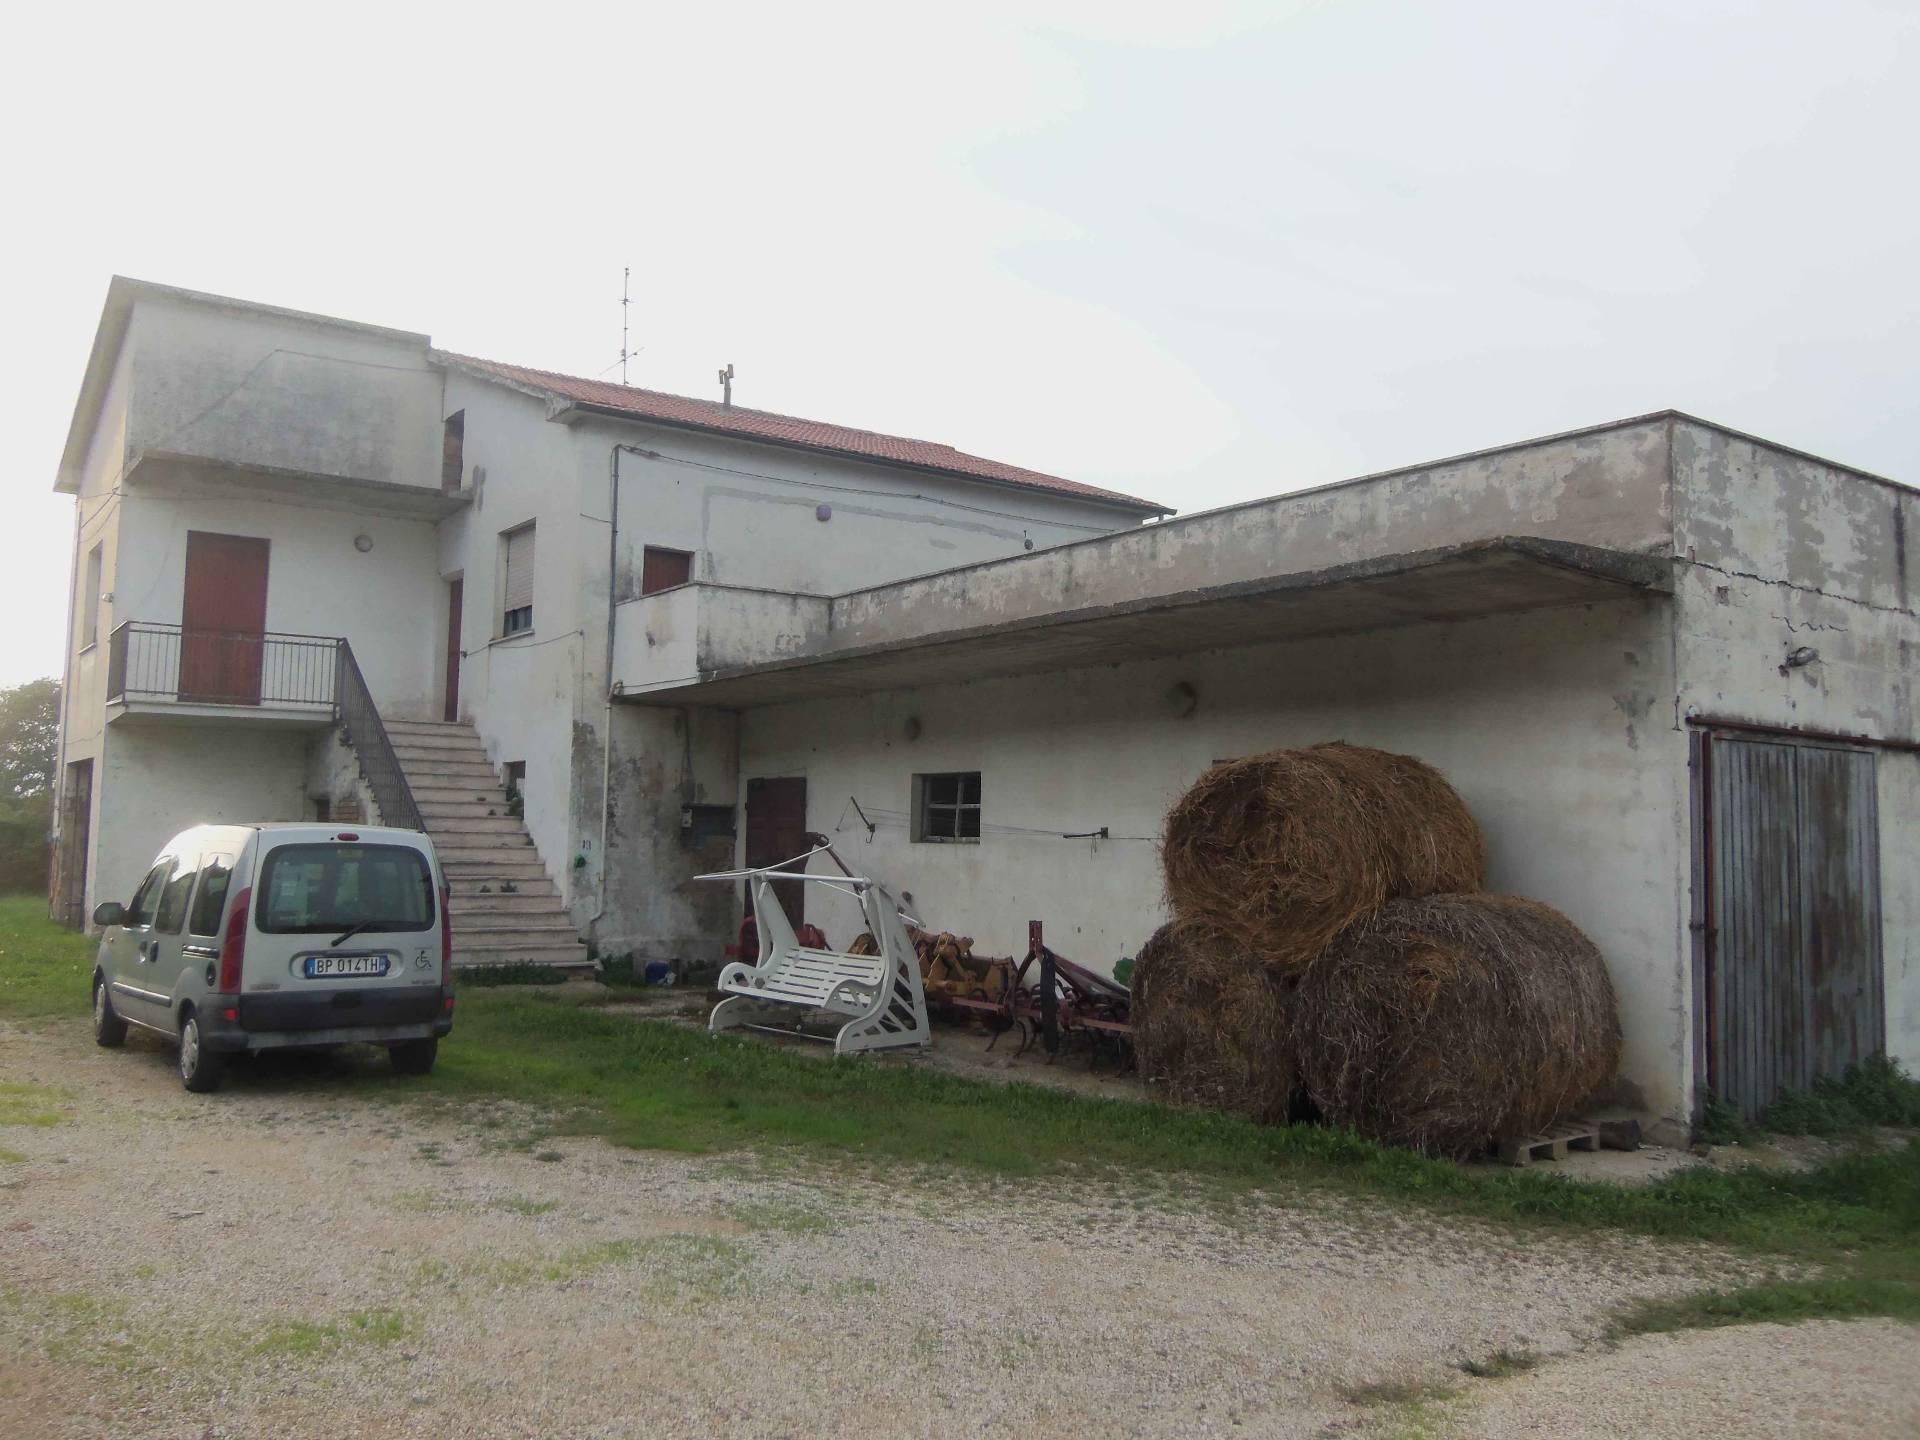 Rustico / Casale in vendita a Colonnella, 9 locali, prezzo € 315.000 | CambioCasa.it